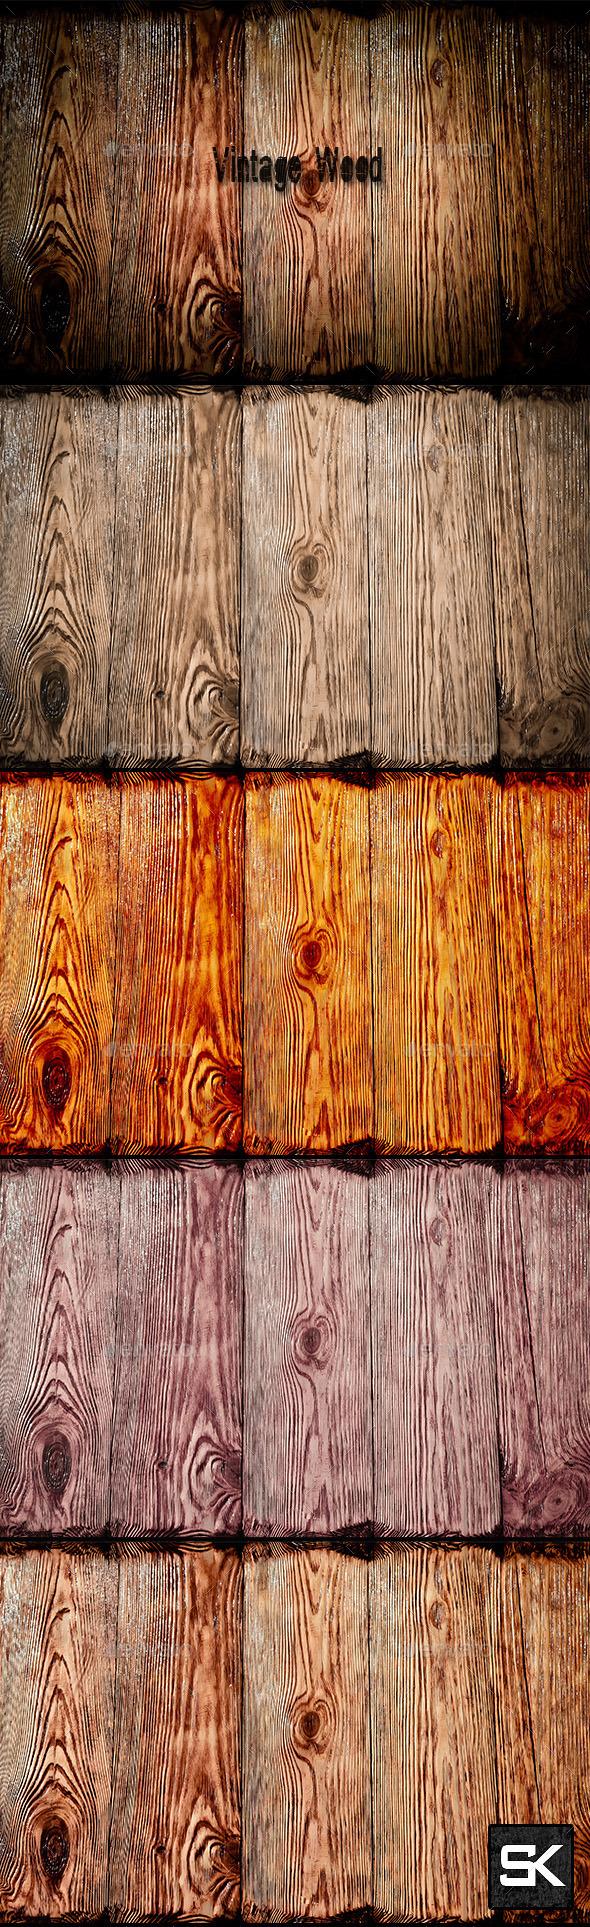 Vintage Wood 3 - Wood Textures